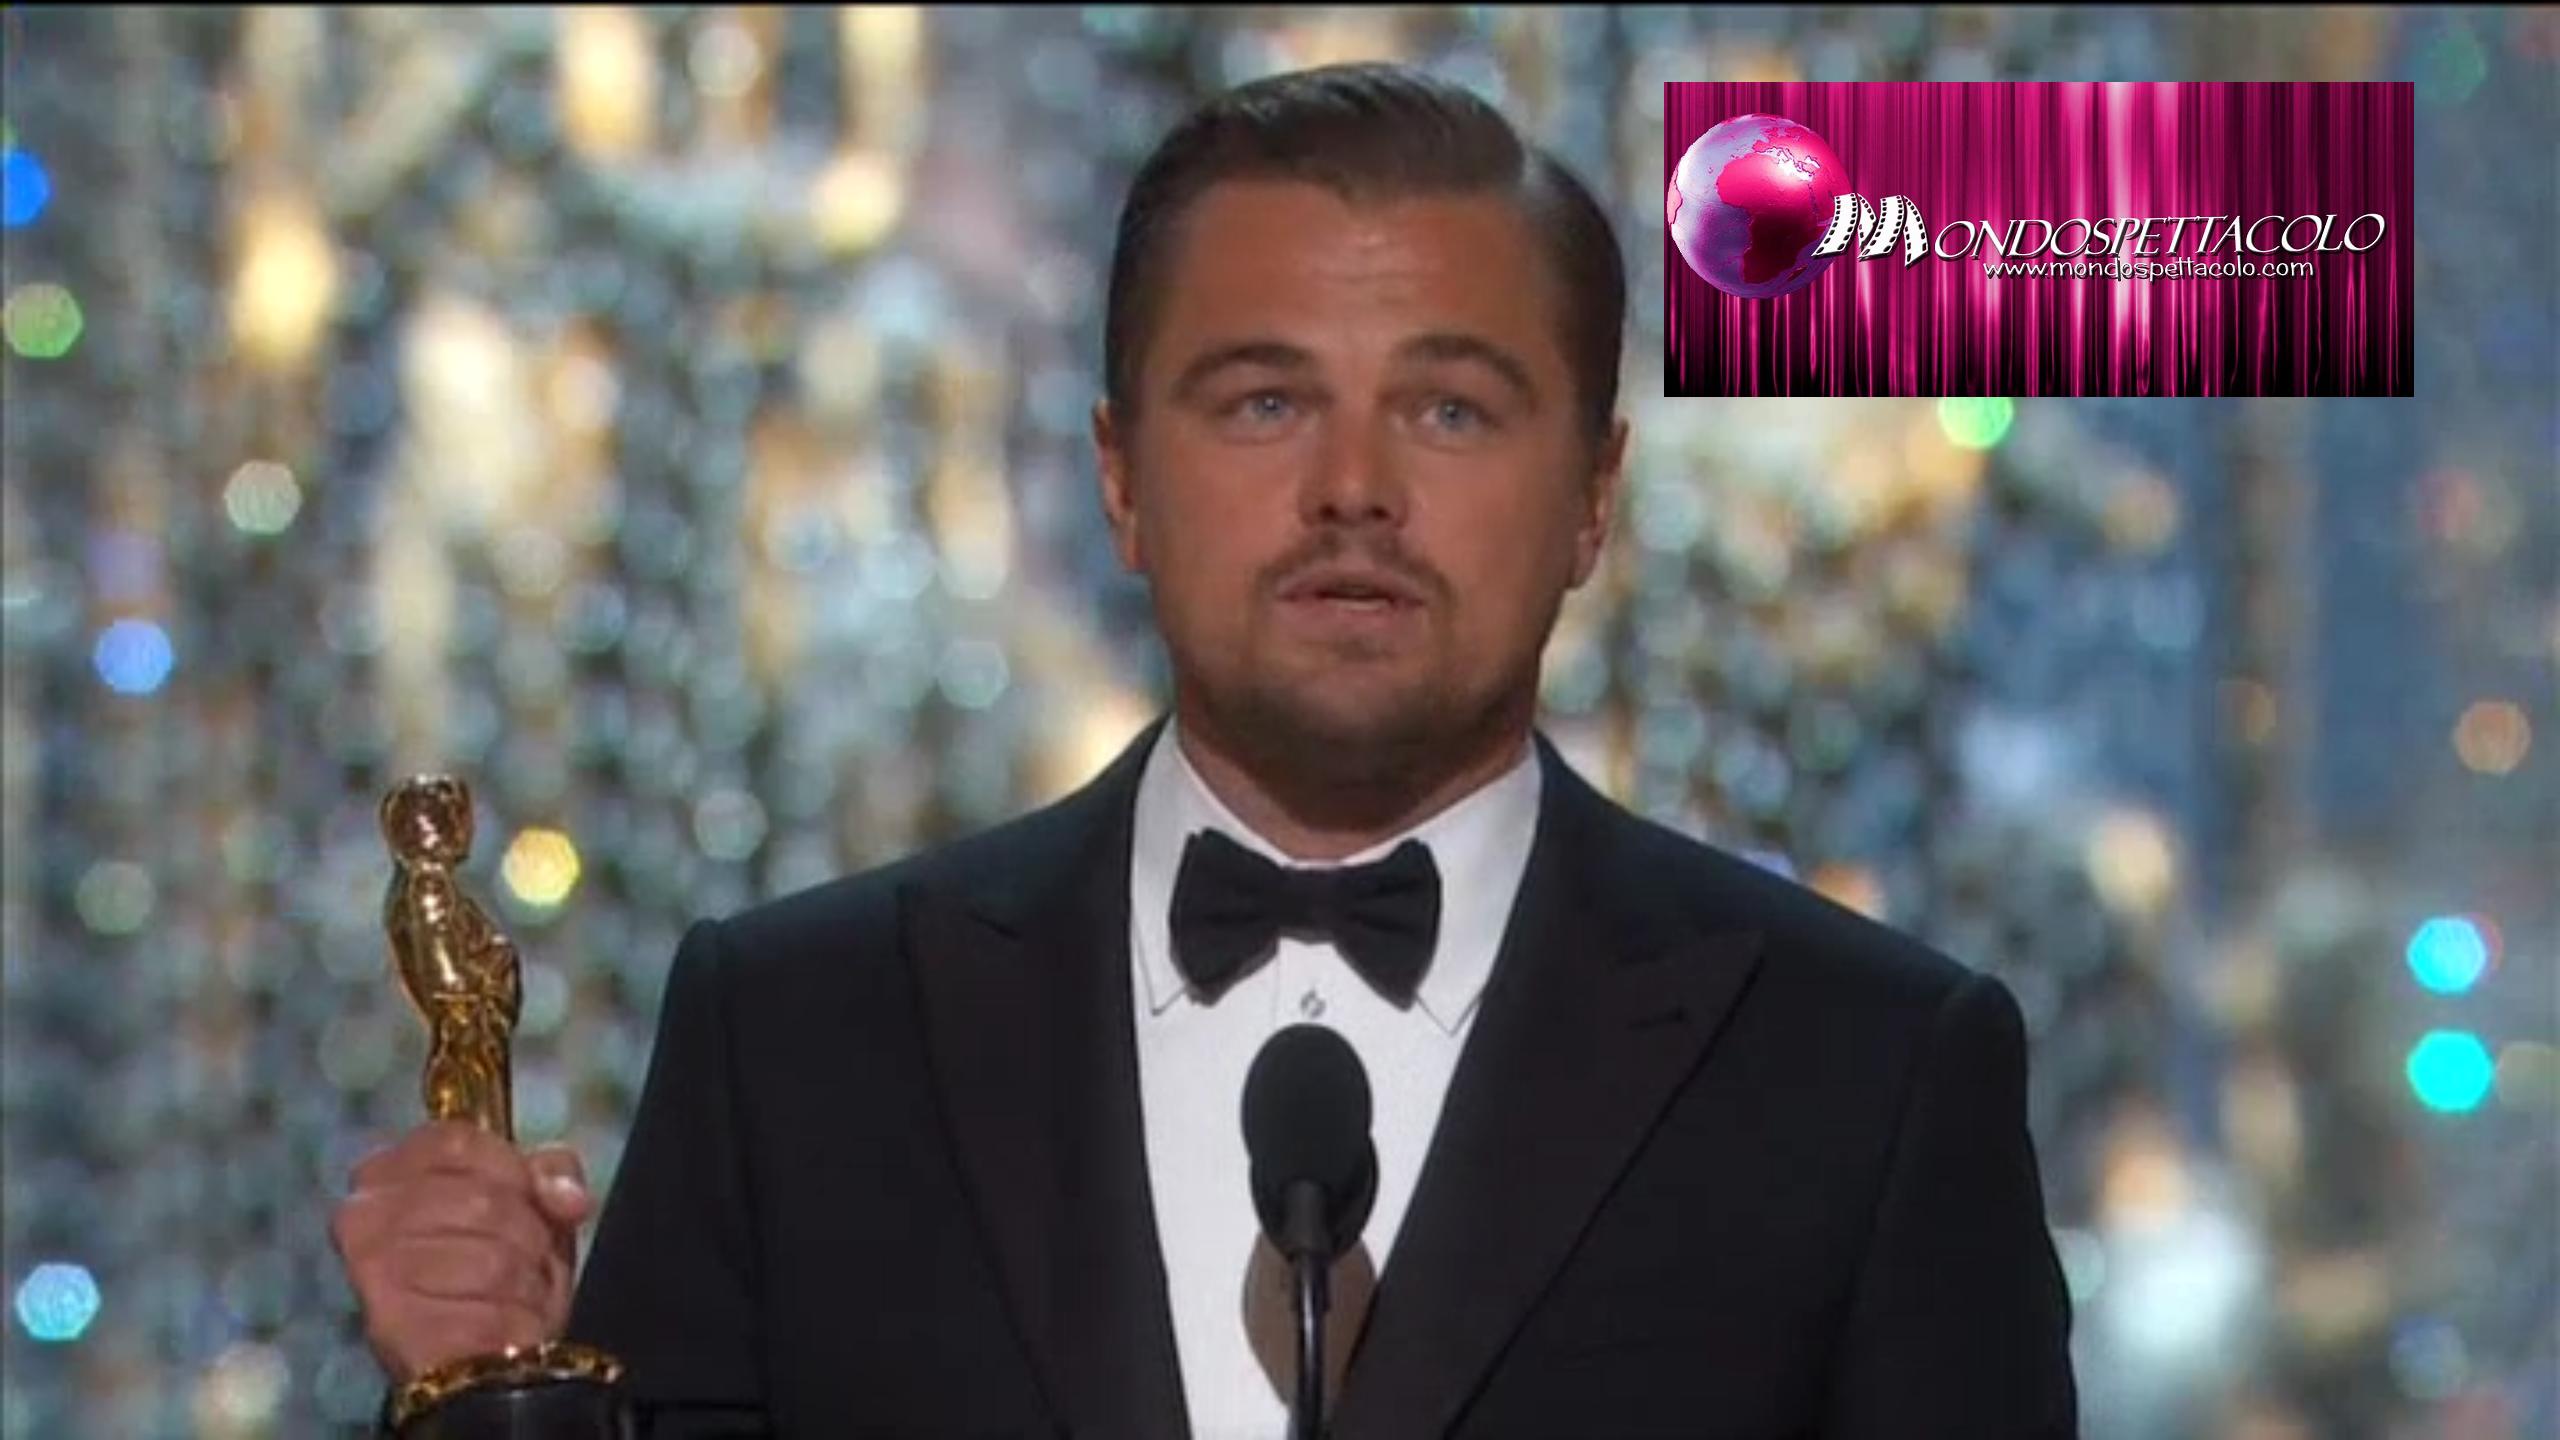 """Dopo la vittoria di Ennio Morricone (leggi qui l'articolo dedicato), cade un altro tabù. Infatti anche LEONARDO DiCAPRIO è finalmente riuscito a vincere il tanto agognato premio Oscar, come """"Miglior […]"""